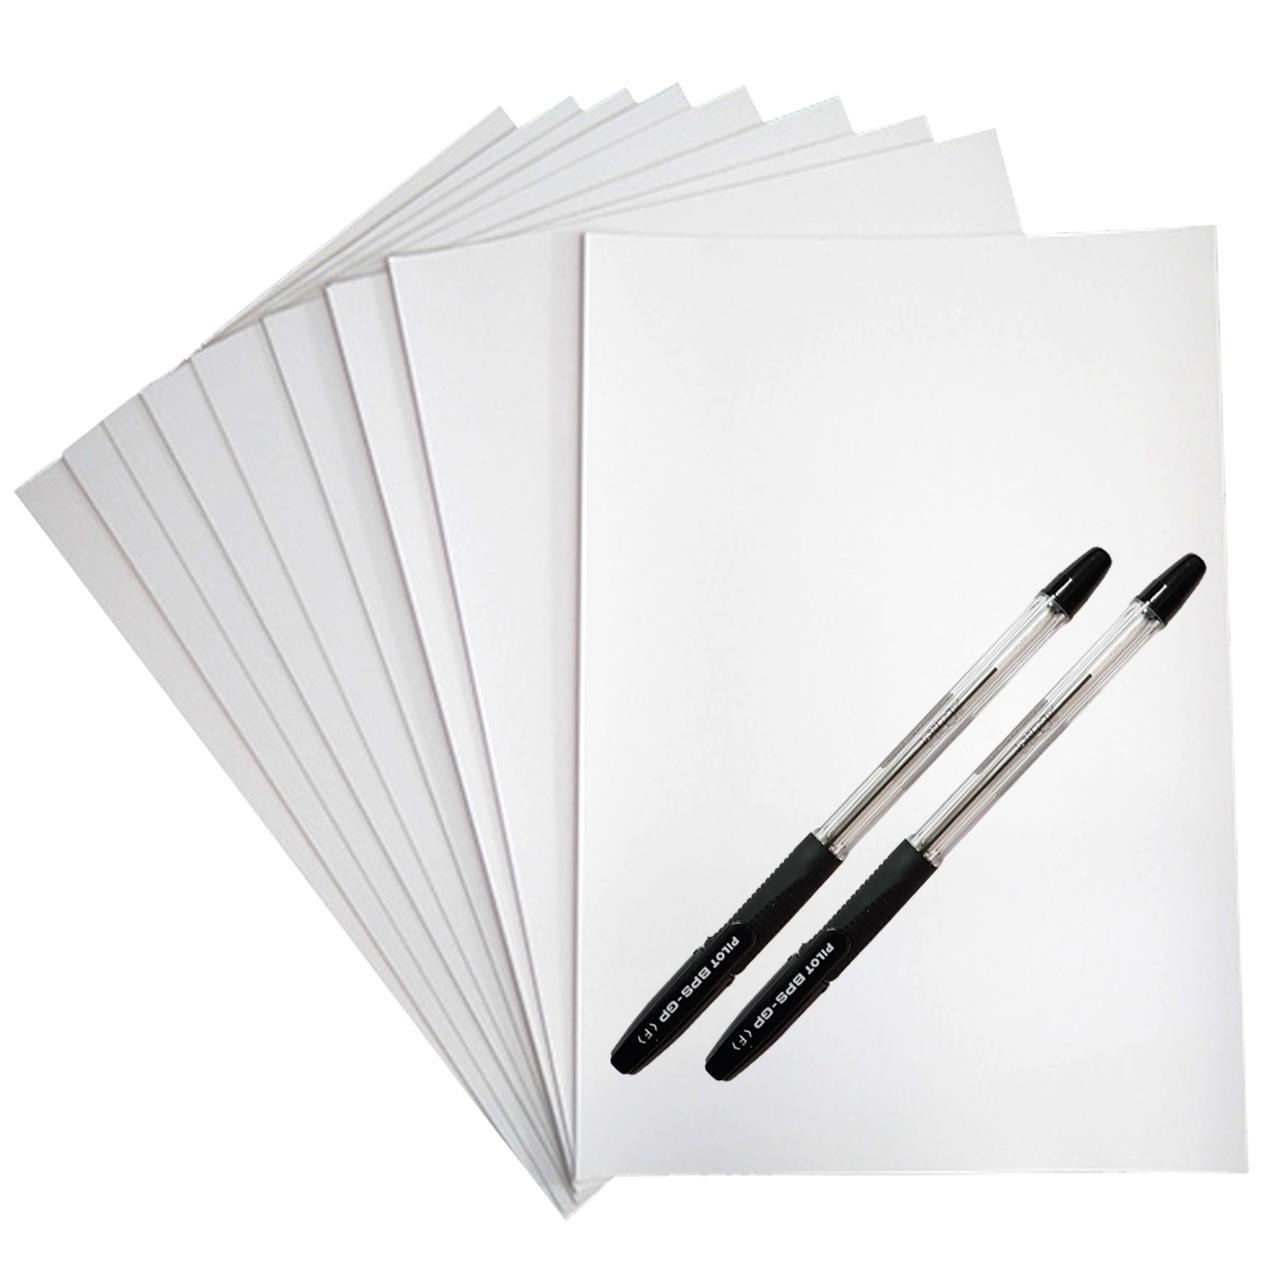 کاغذ A4  کد 50 بسته 50 عددی به همراه خودکار پایلوت مدل BPS-GP بسته دو عددی